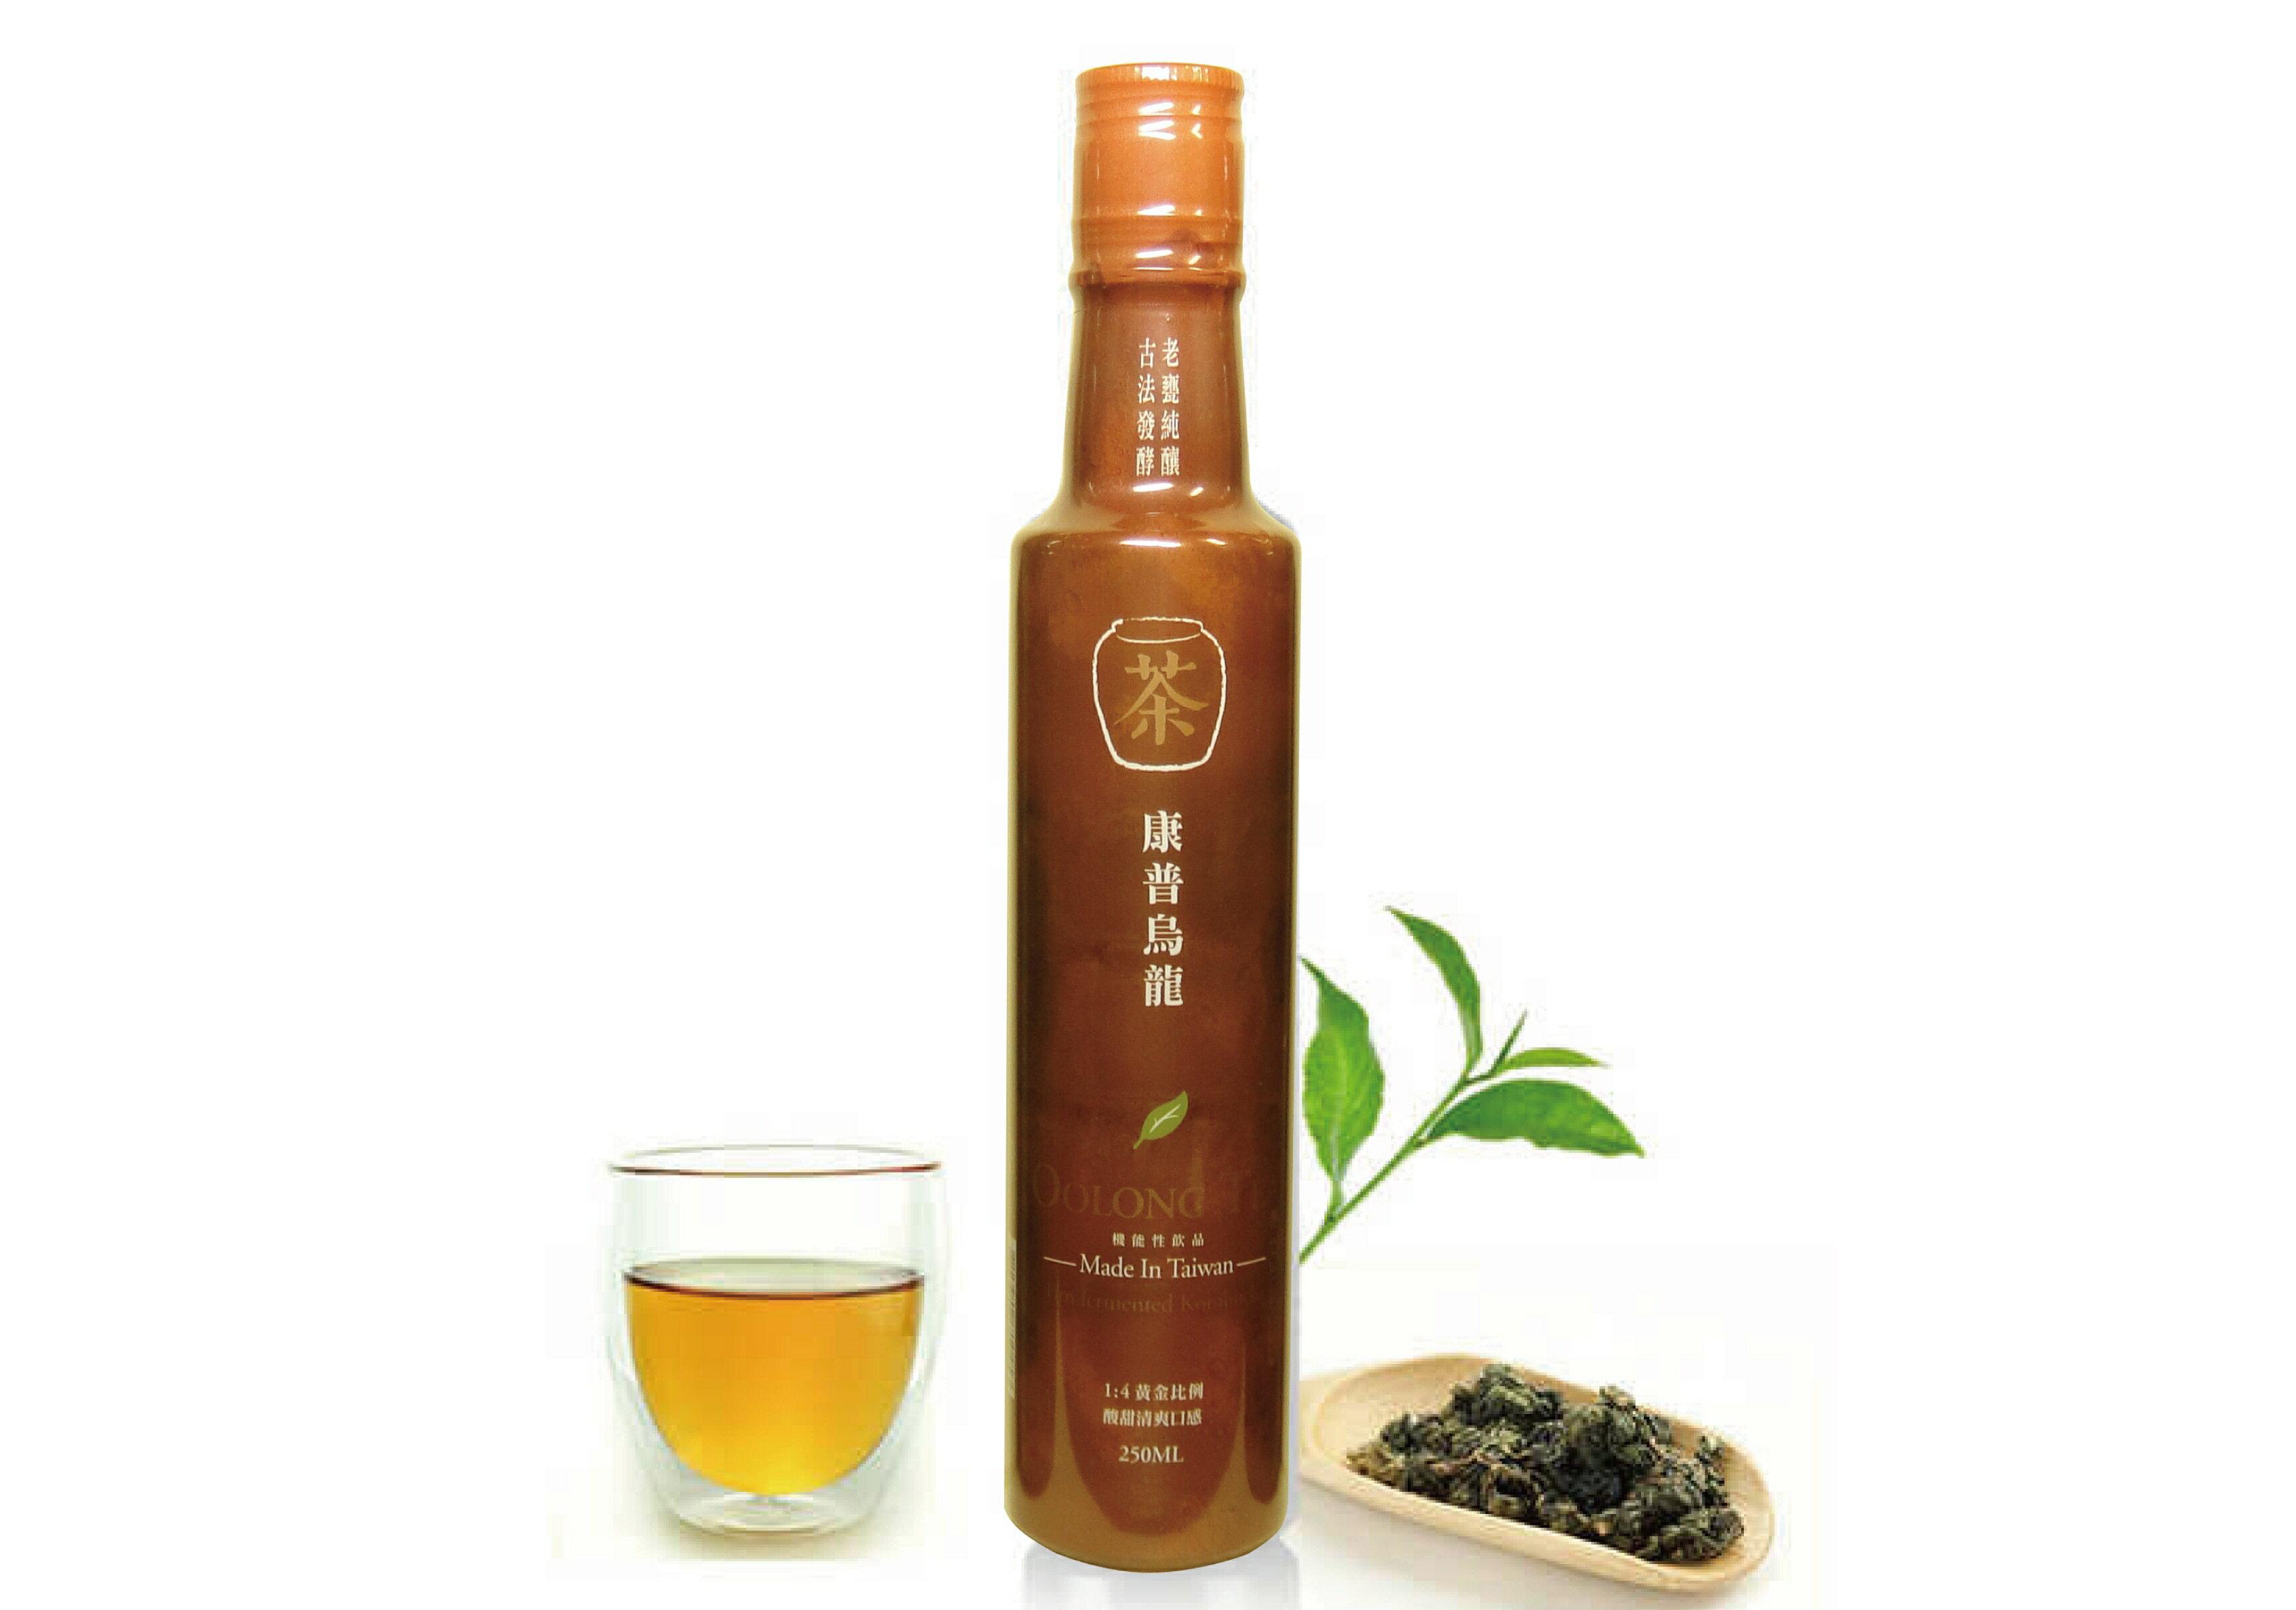 【釀美舖】康普 烏龍茶醋 (純茶甕釀) 0